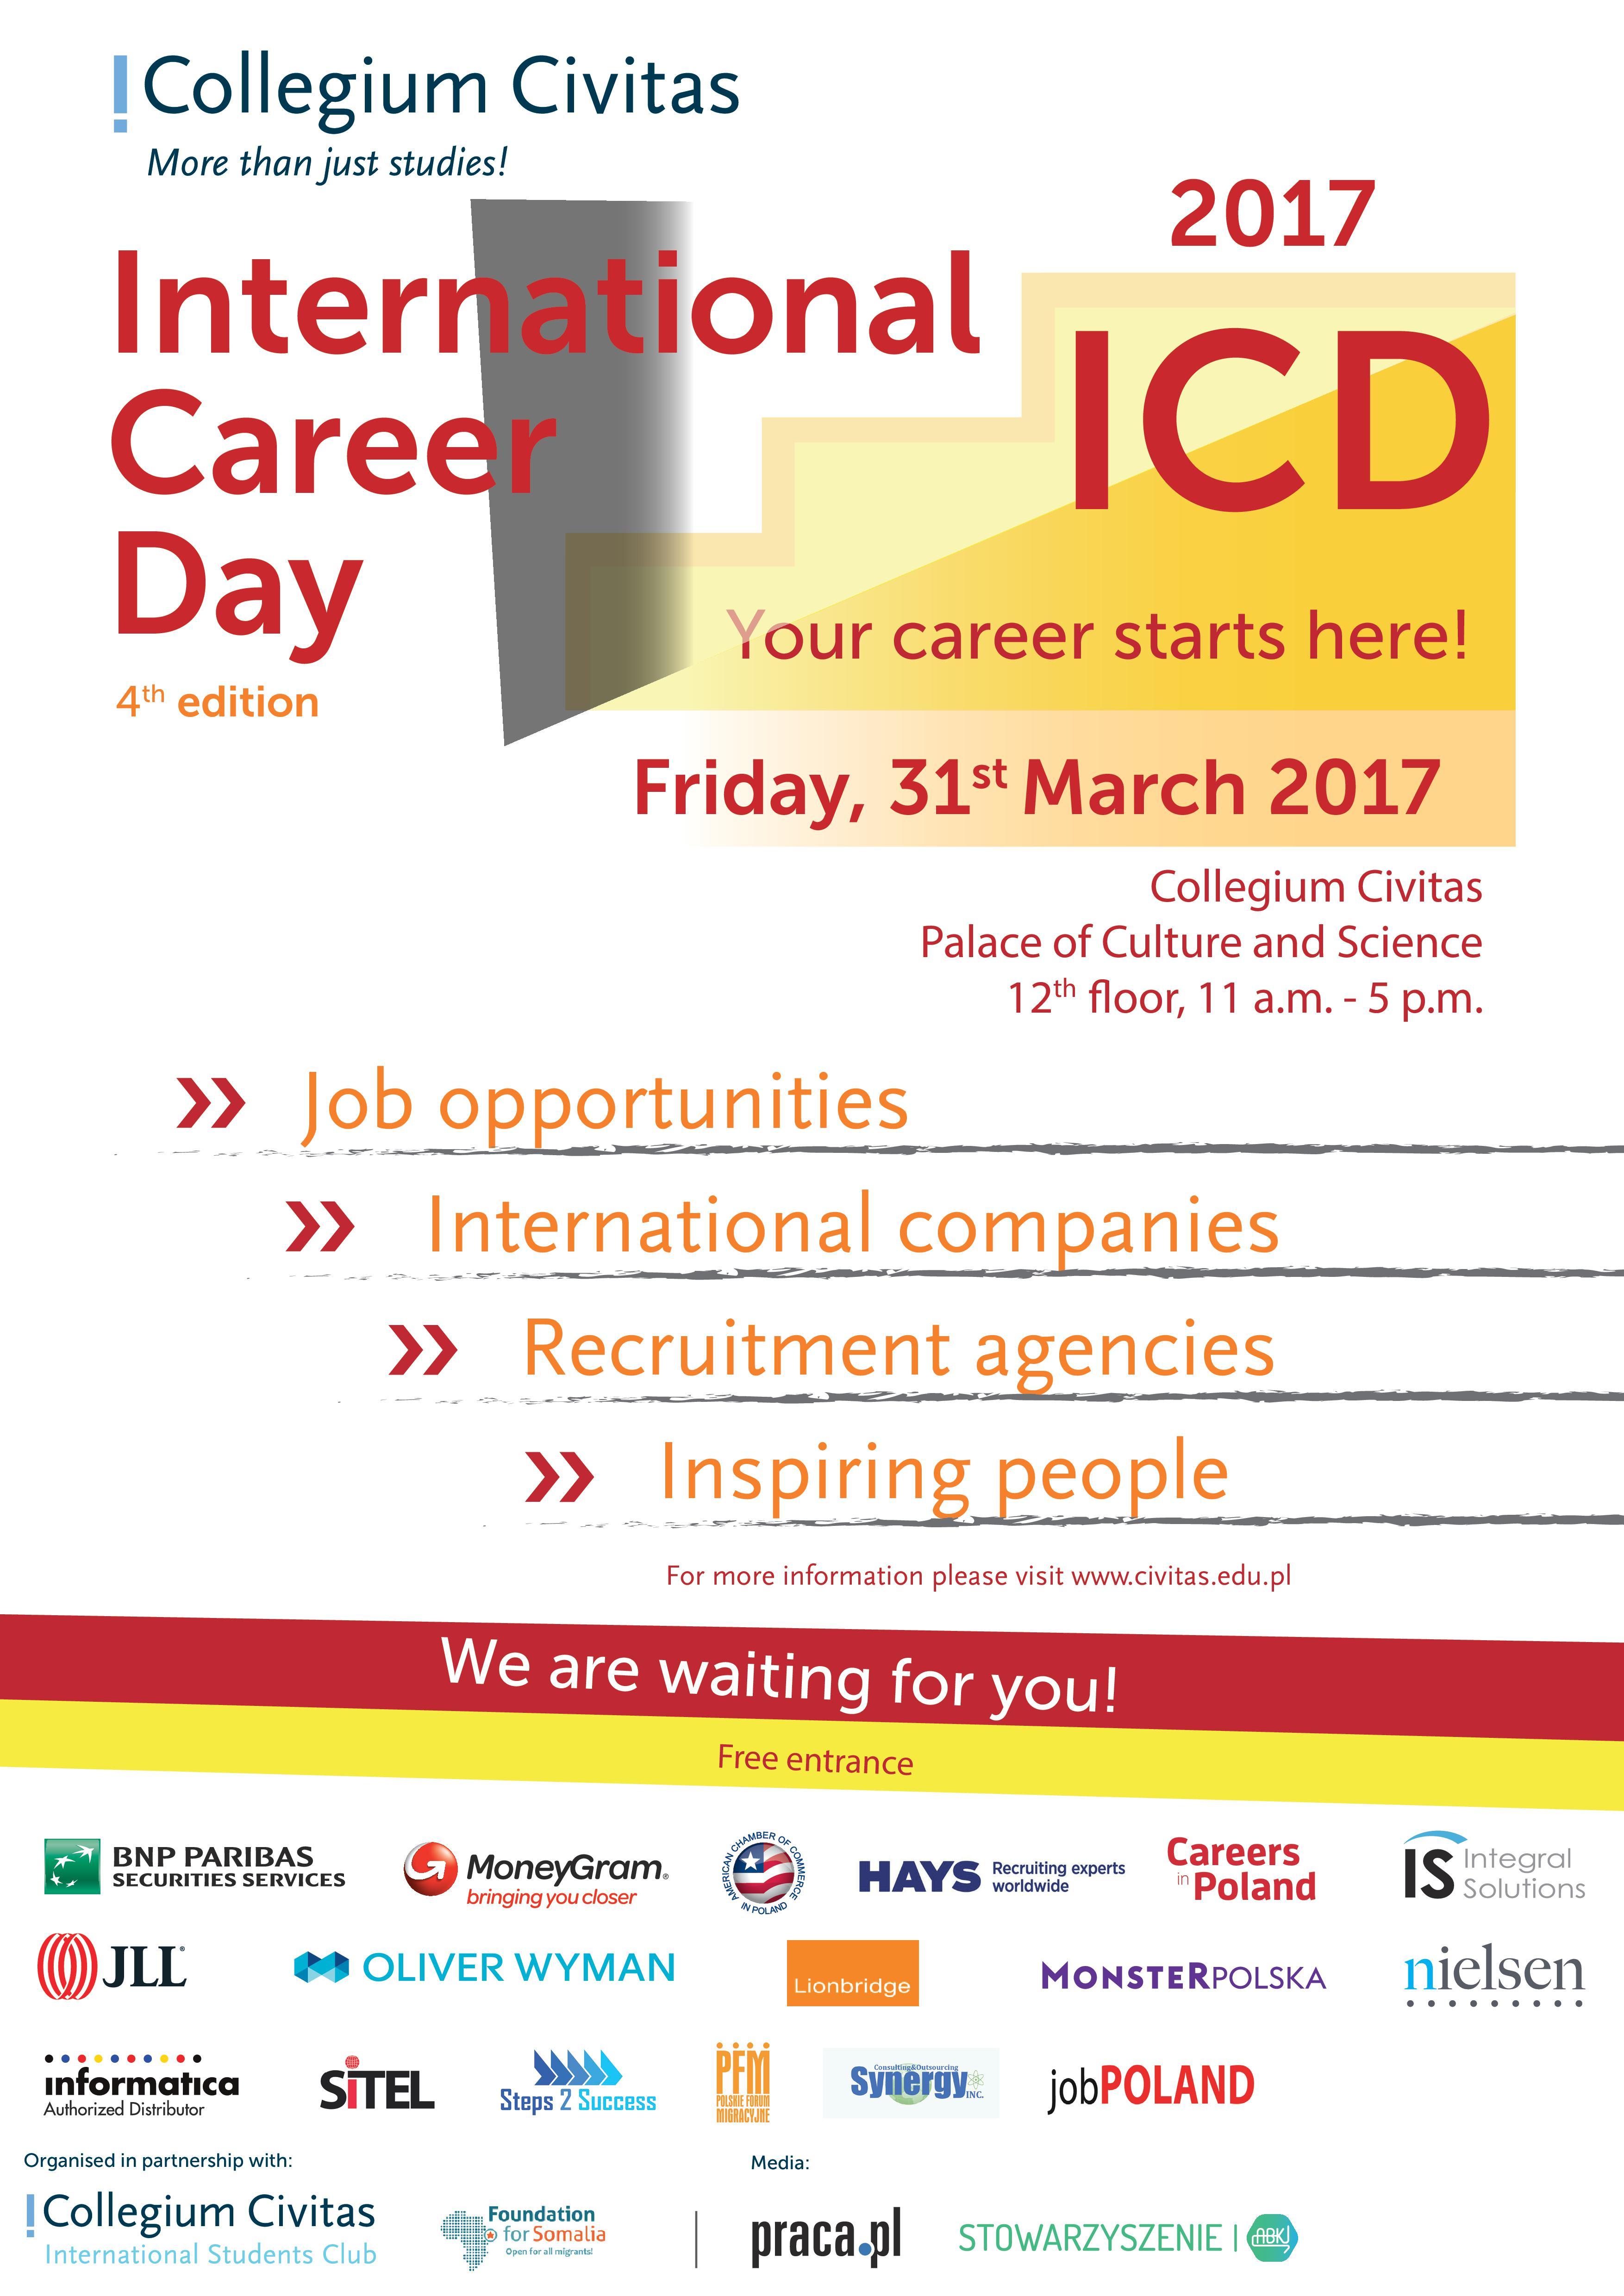 Odbyły Się International Career Days 2017 (31.03.2017 godz.11:00)